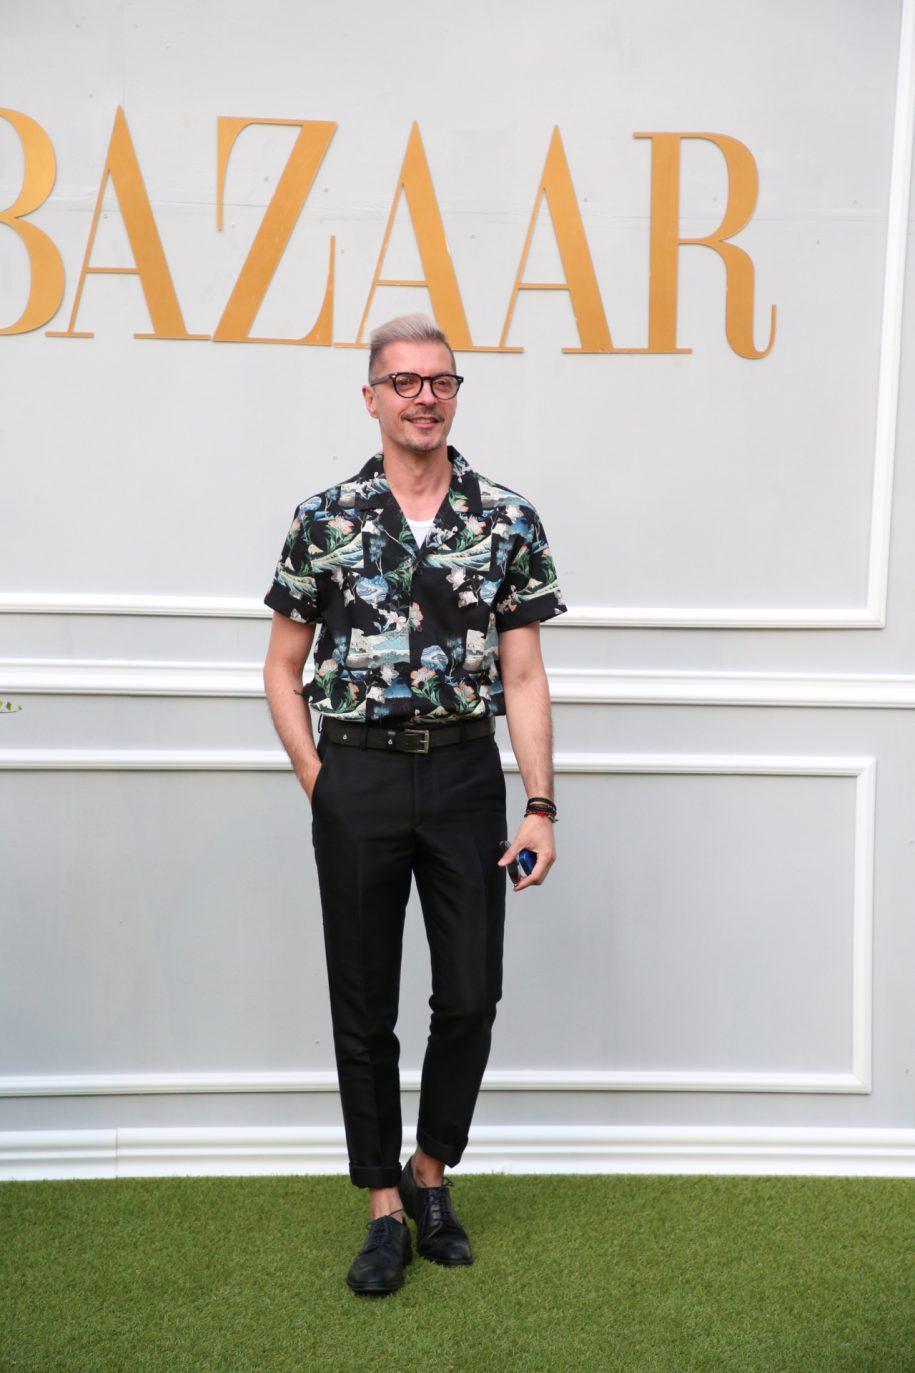 Ovidiu Muresany Hapers Bazaar 2018